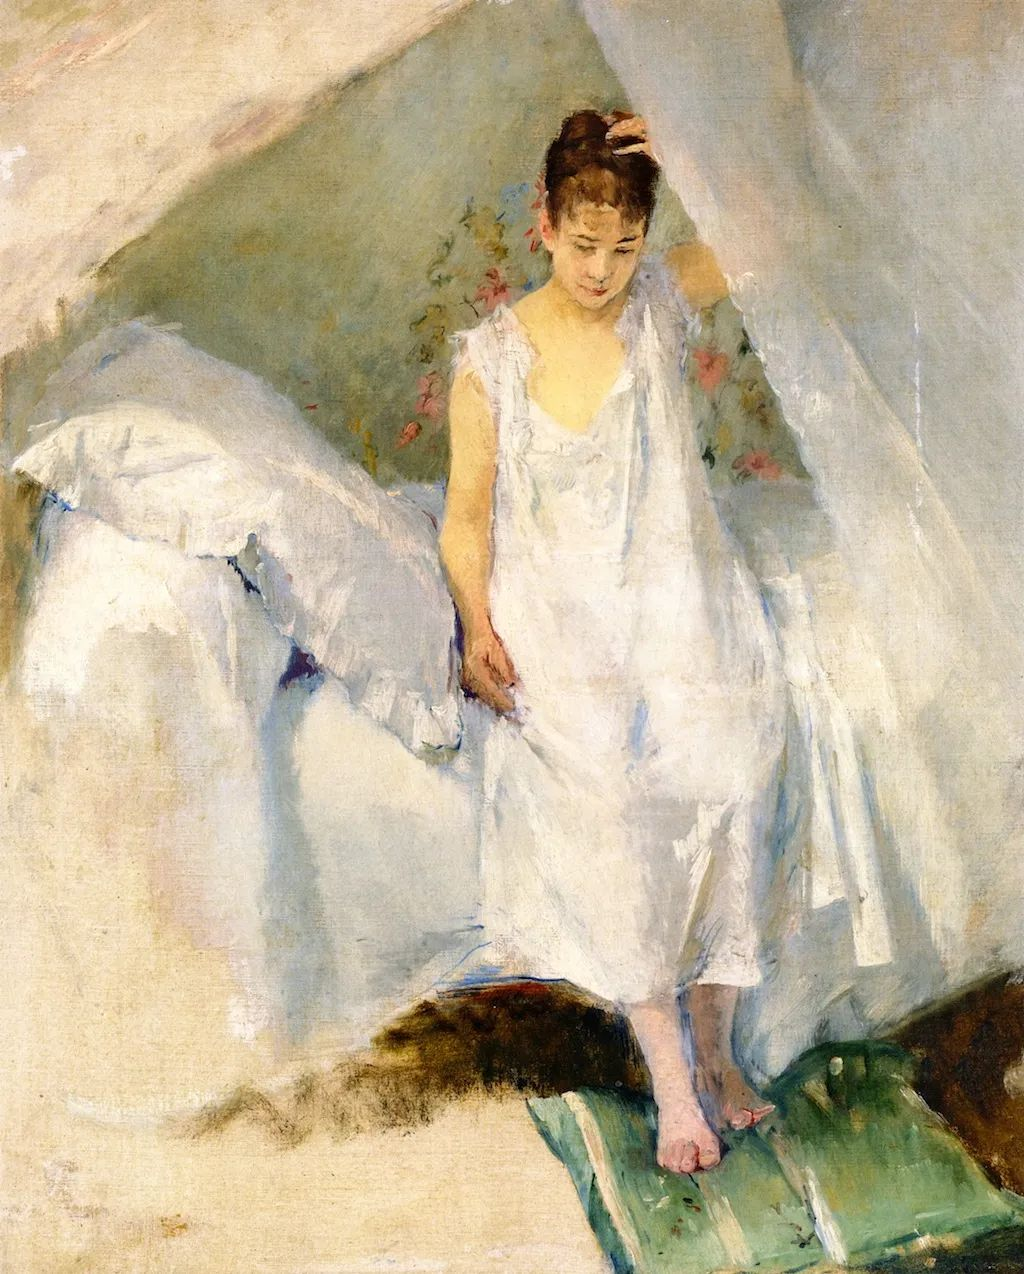 伊娃·冈萨雷斯,19世纪法国印象派女画家插图3